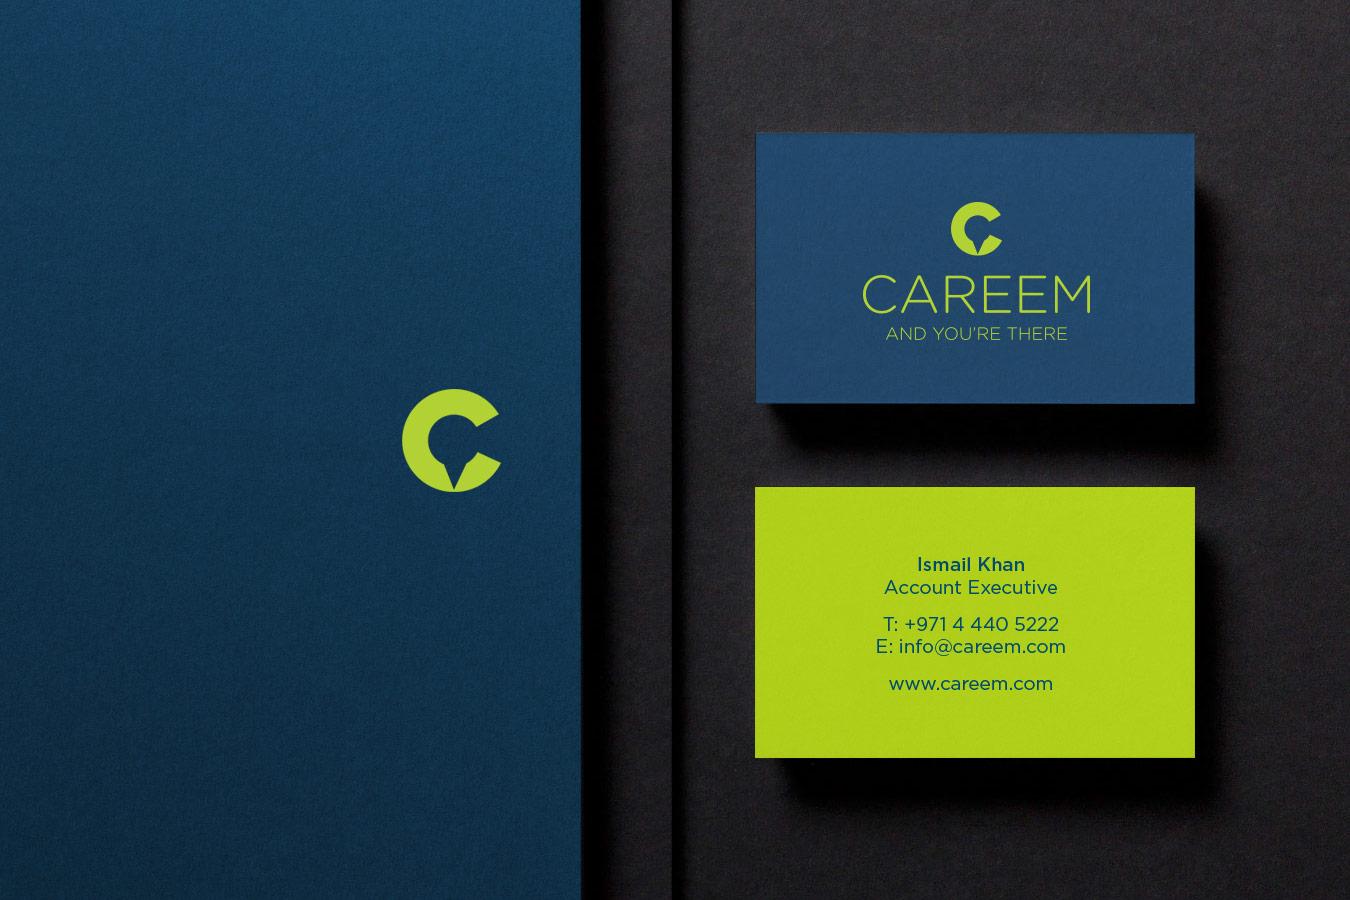 careem-stsionery-detail.jpg